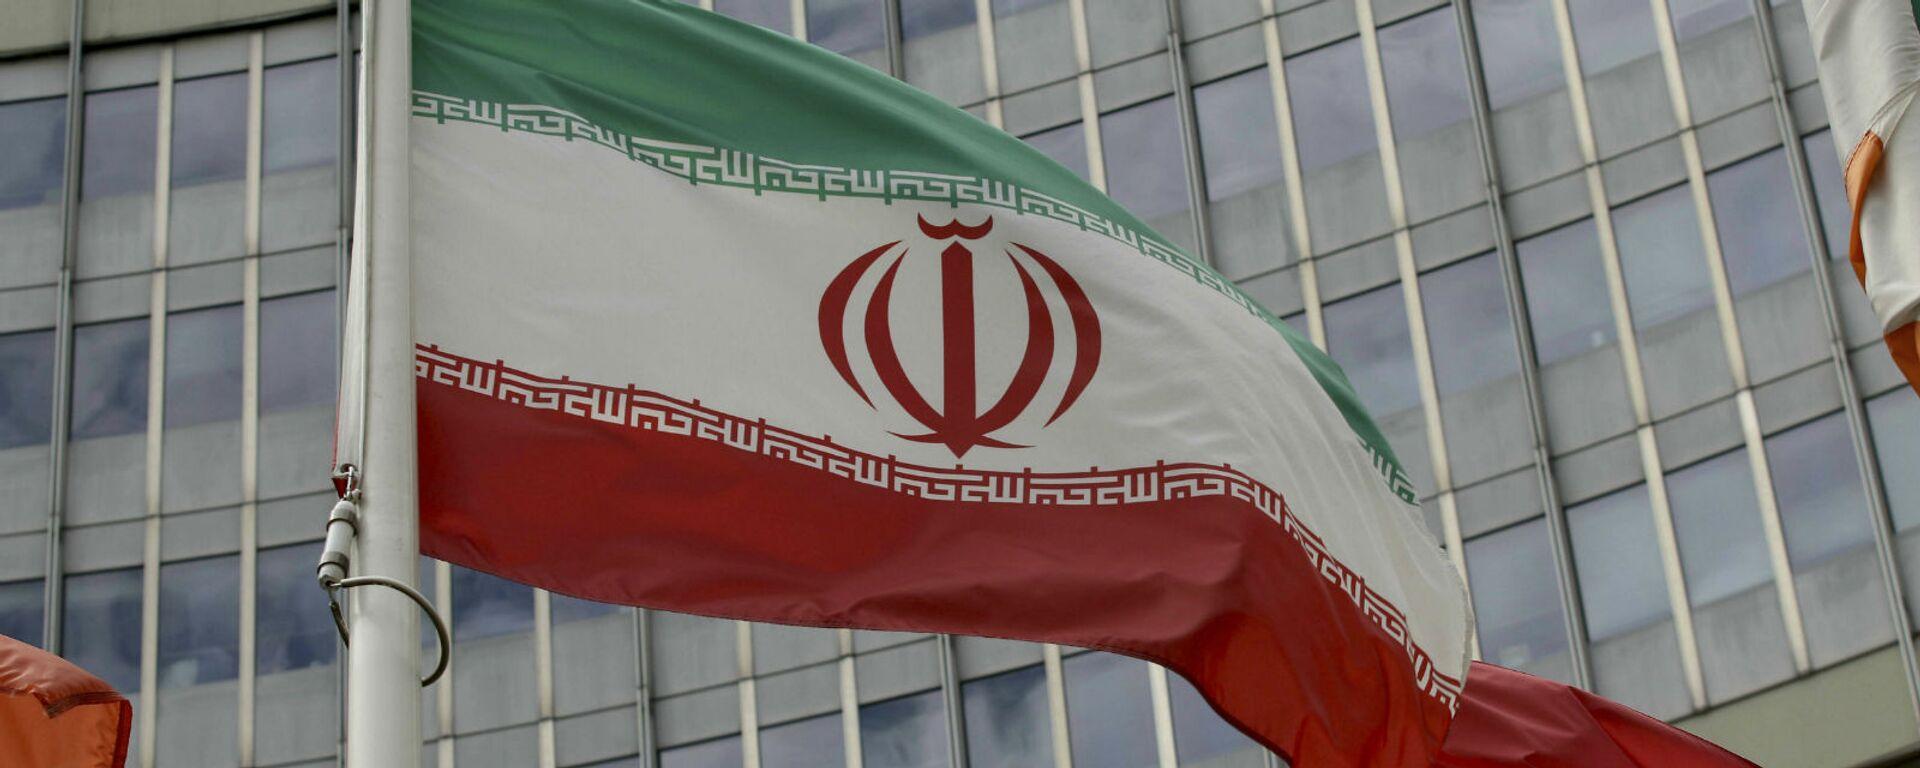 Иранский флаг развевается у здания ООН, в котором находится офис Международного агентства по атомной энергии МАГАТЭ (10 июля 2019). Вена - Sputnik Армения, 1920, 19.05.2021